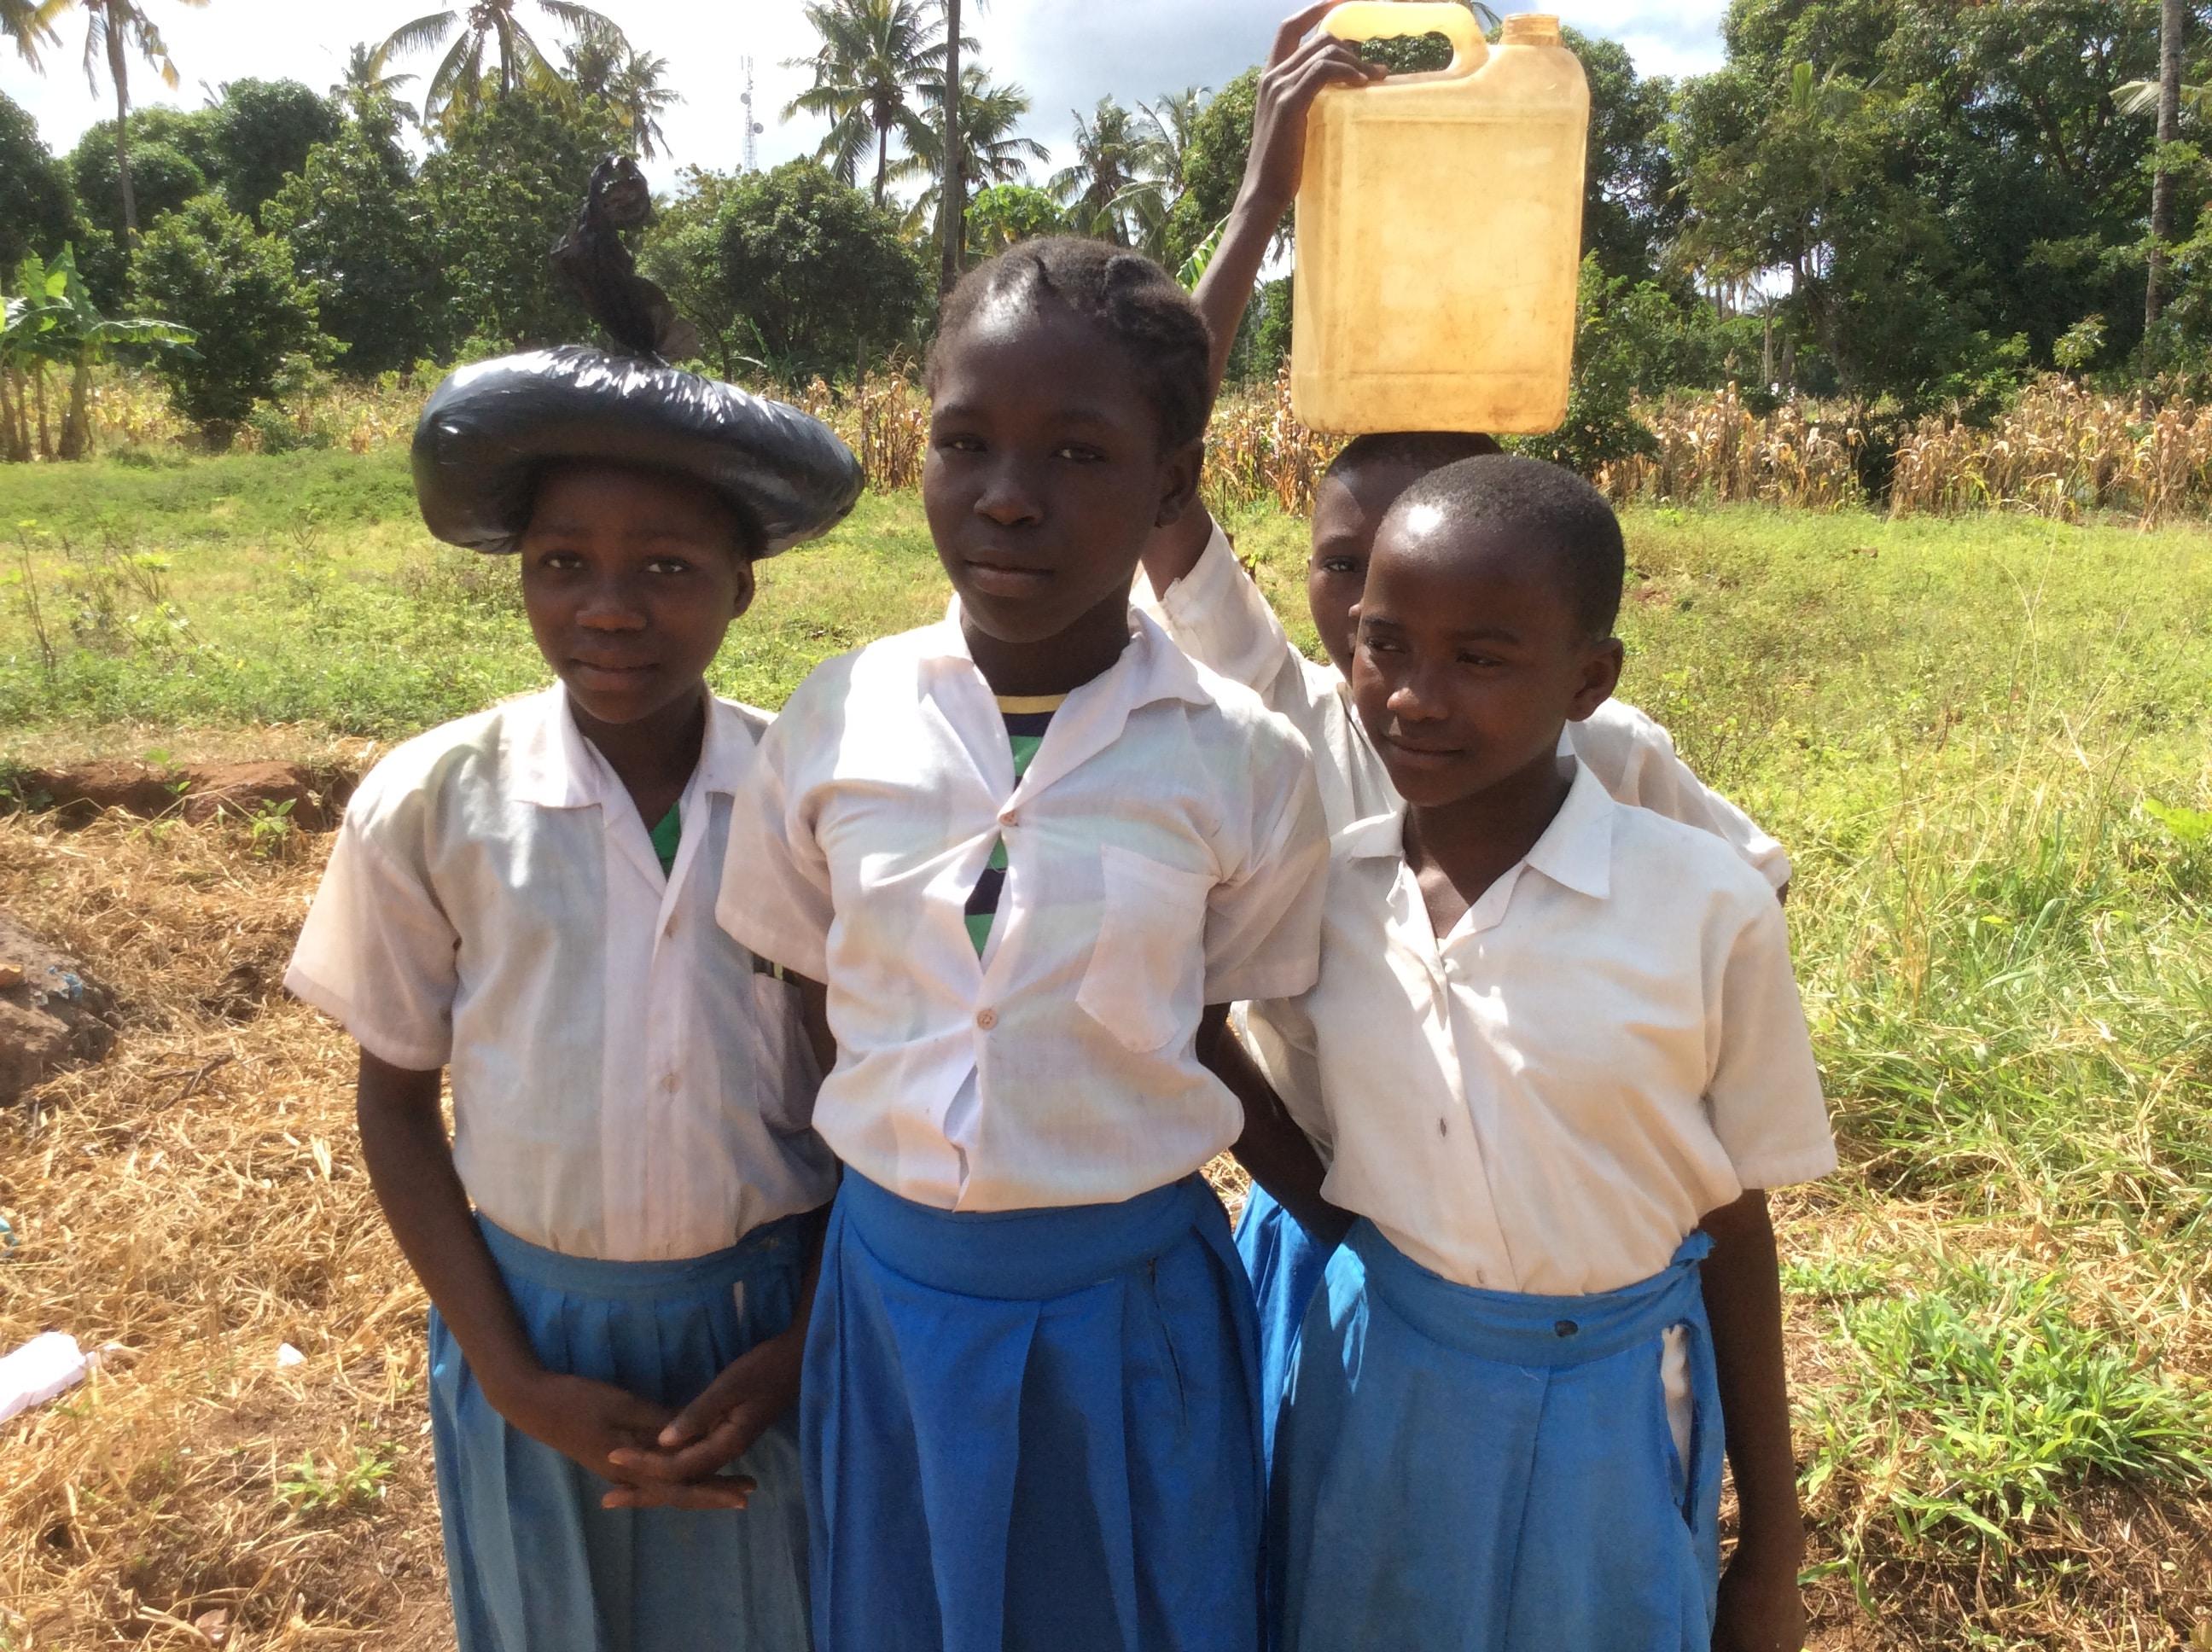 La Fundación Mainel con Harambee por la seguridad y la dignidad de jóvenes africanas